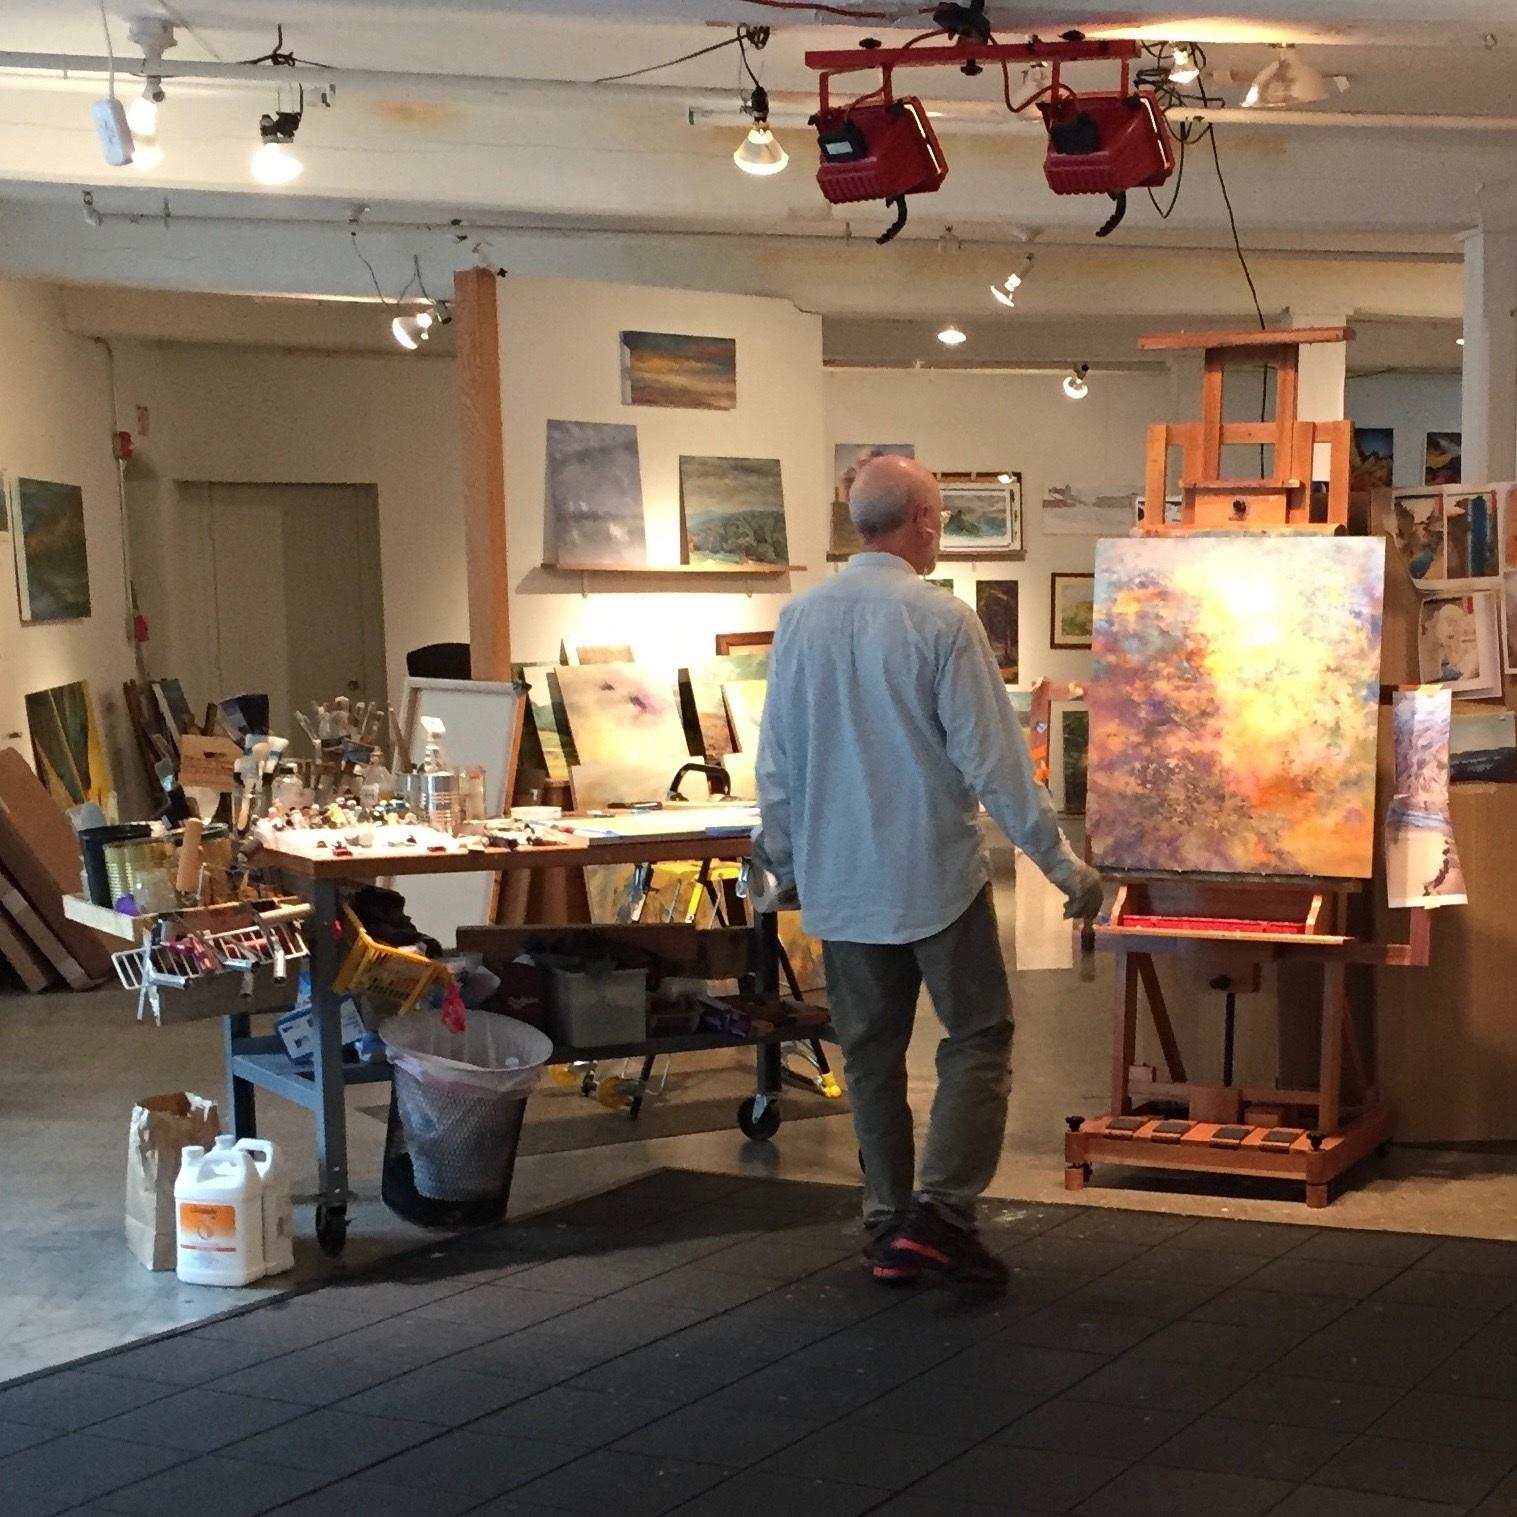 man walking through a studio full of artwork